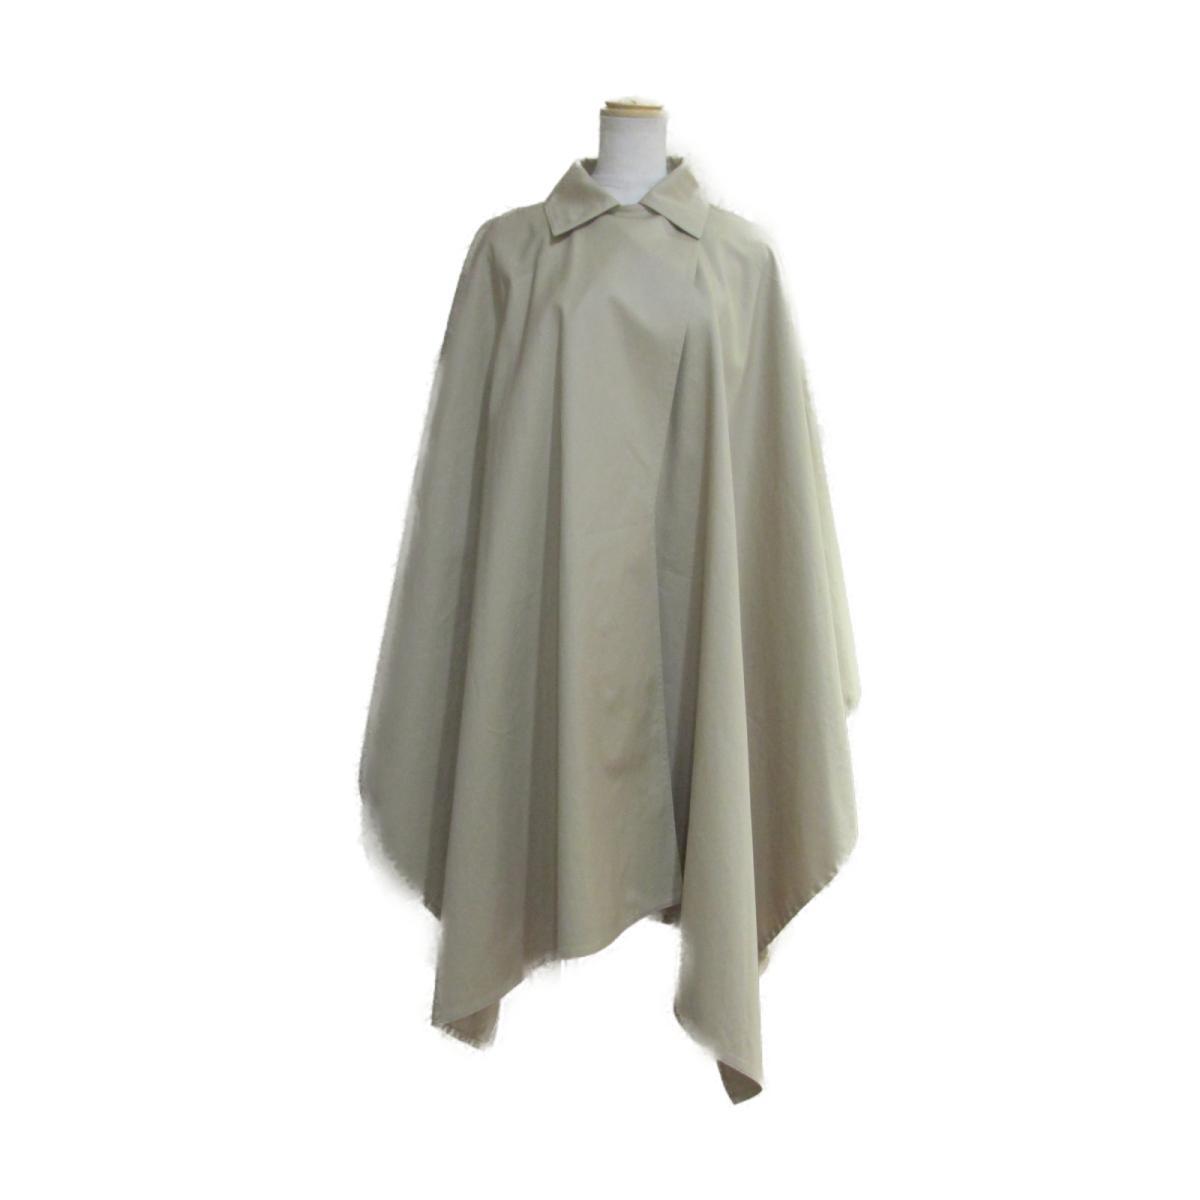 【中古】 ジバンシー マント コート レディース 品質表示無しの為、不明 ベージュ | GIVENCHY BRANDOFF ブランドオフ 衣料品 衣類 ブランド アウター ジャケット